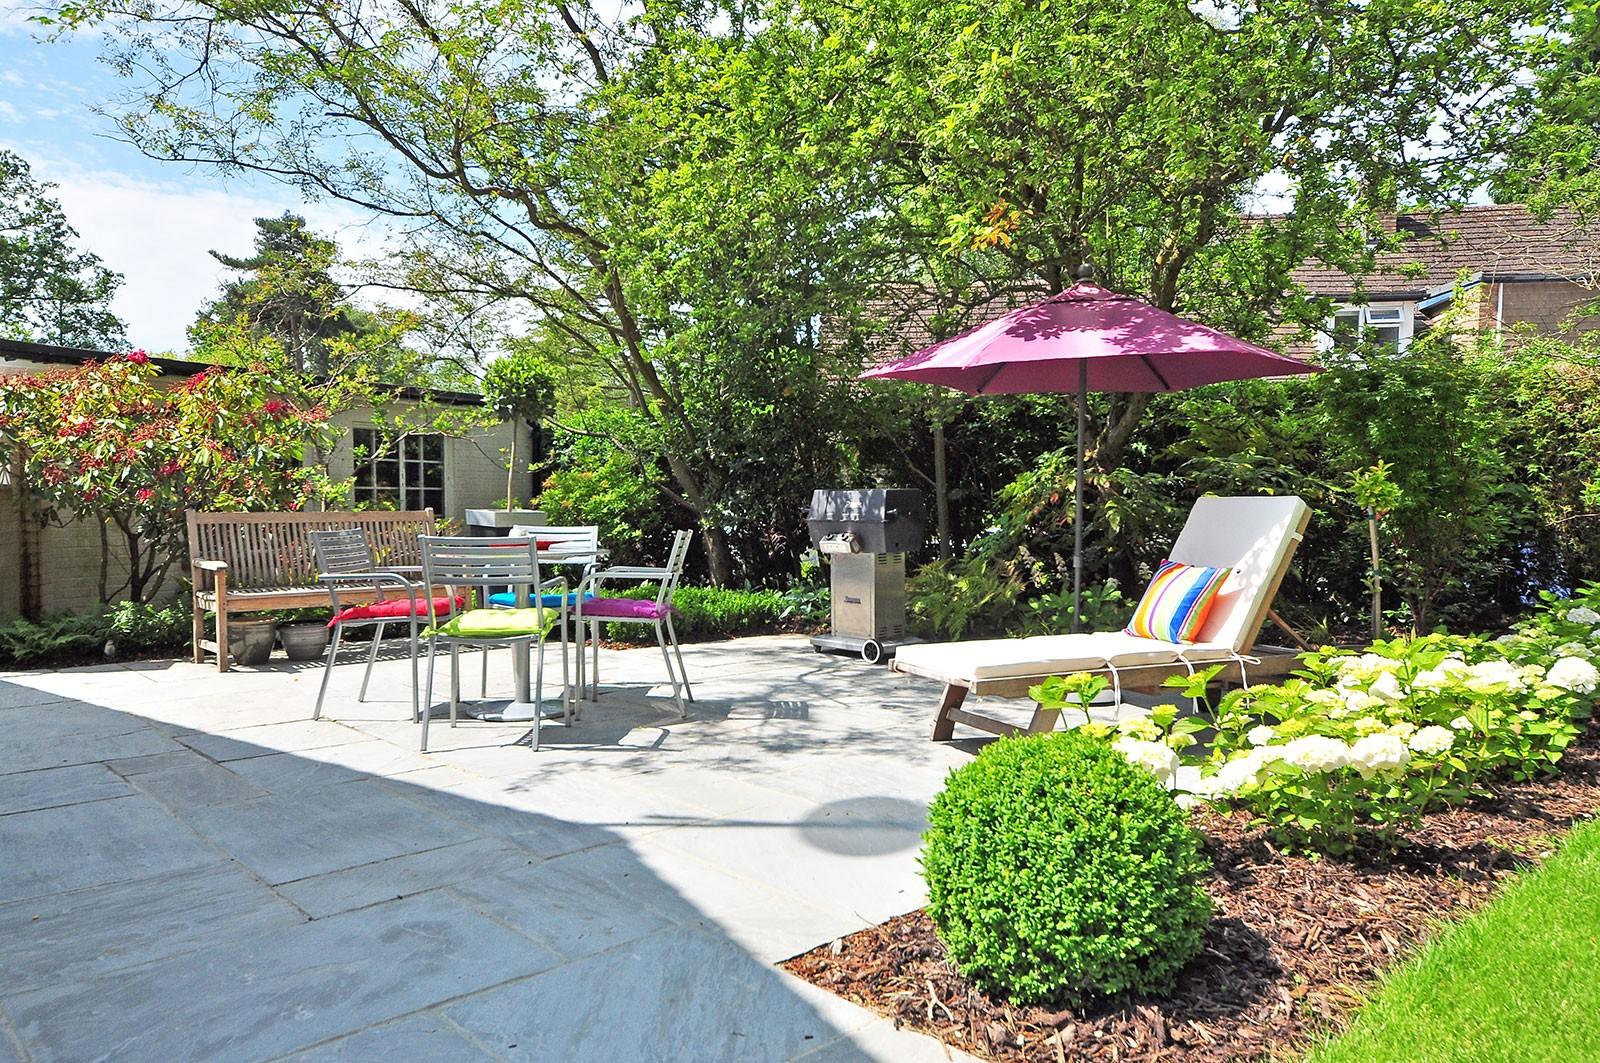 Aménager Son Balcon Avec Des Palettes aménager son balcon ou sa terrasse - blog jardin